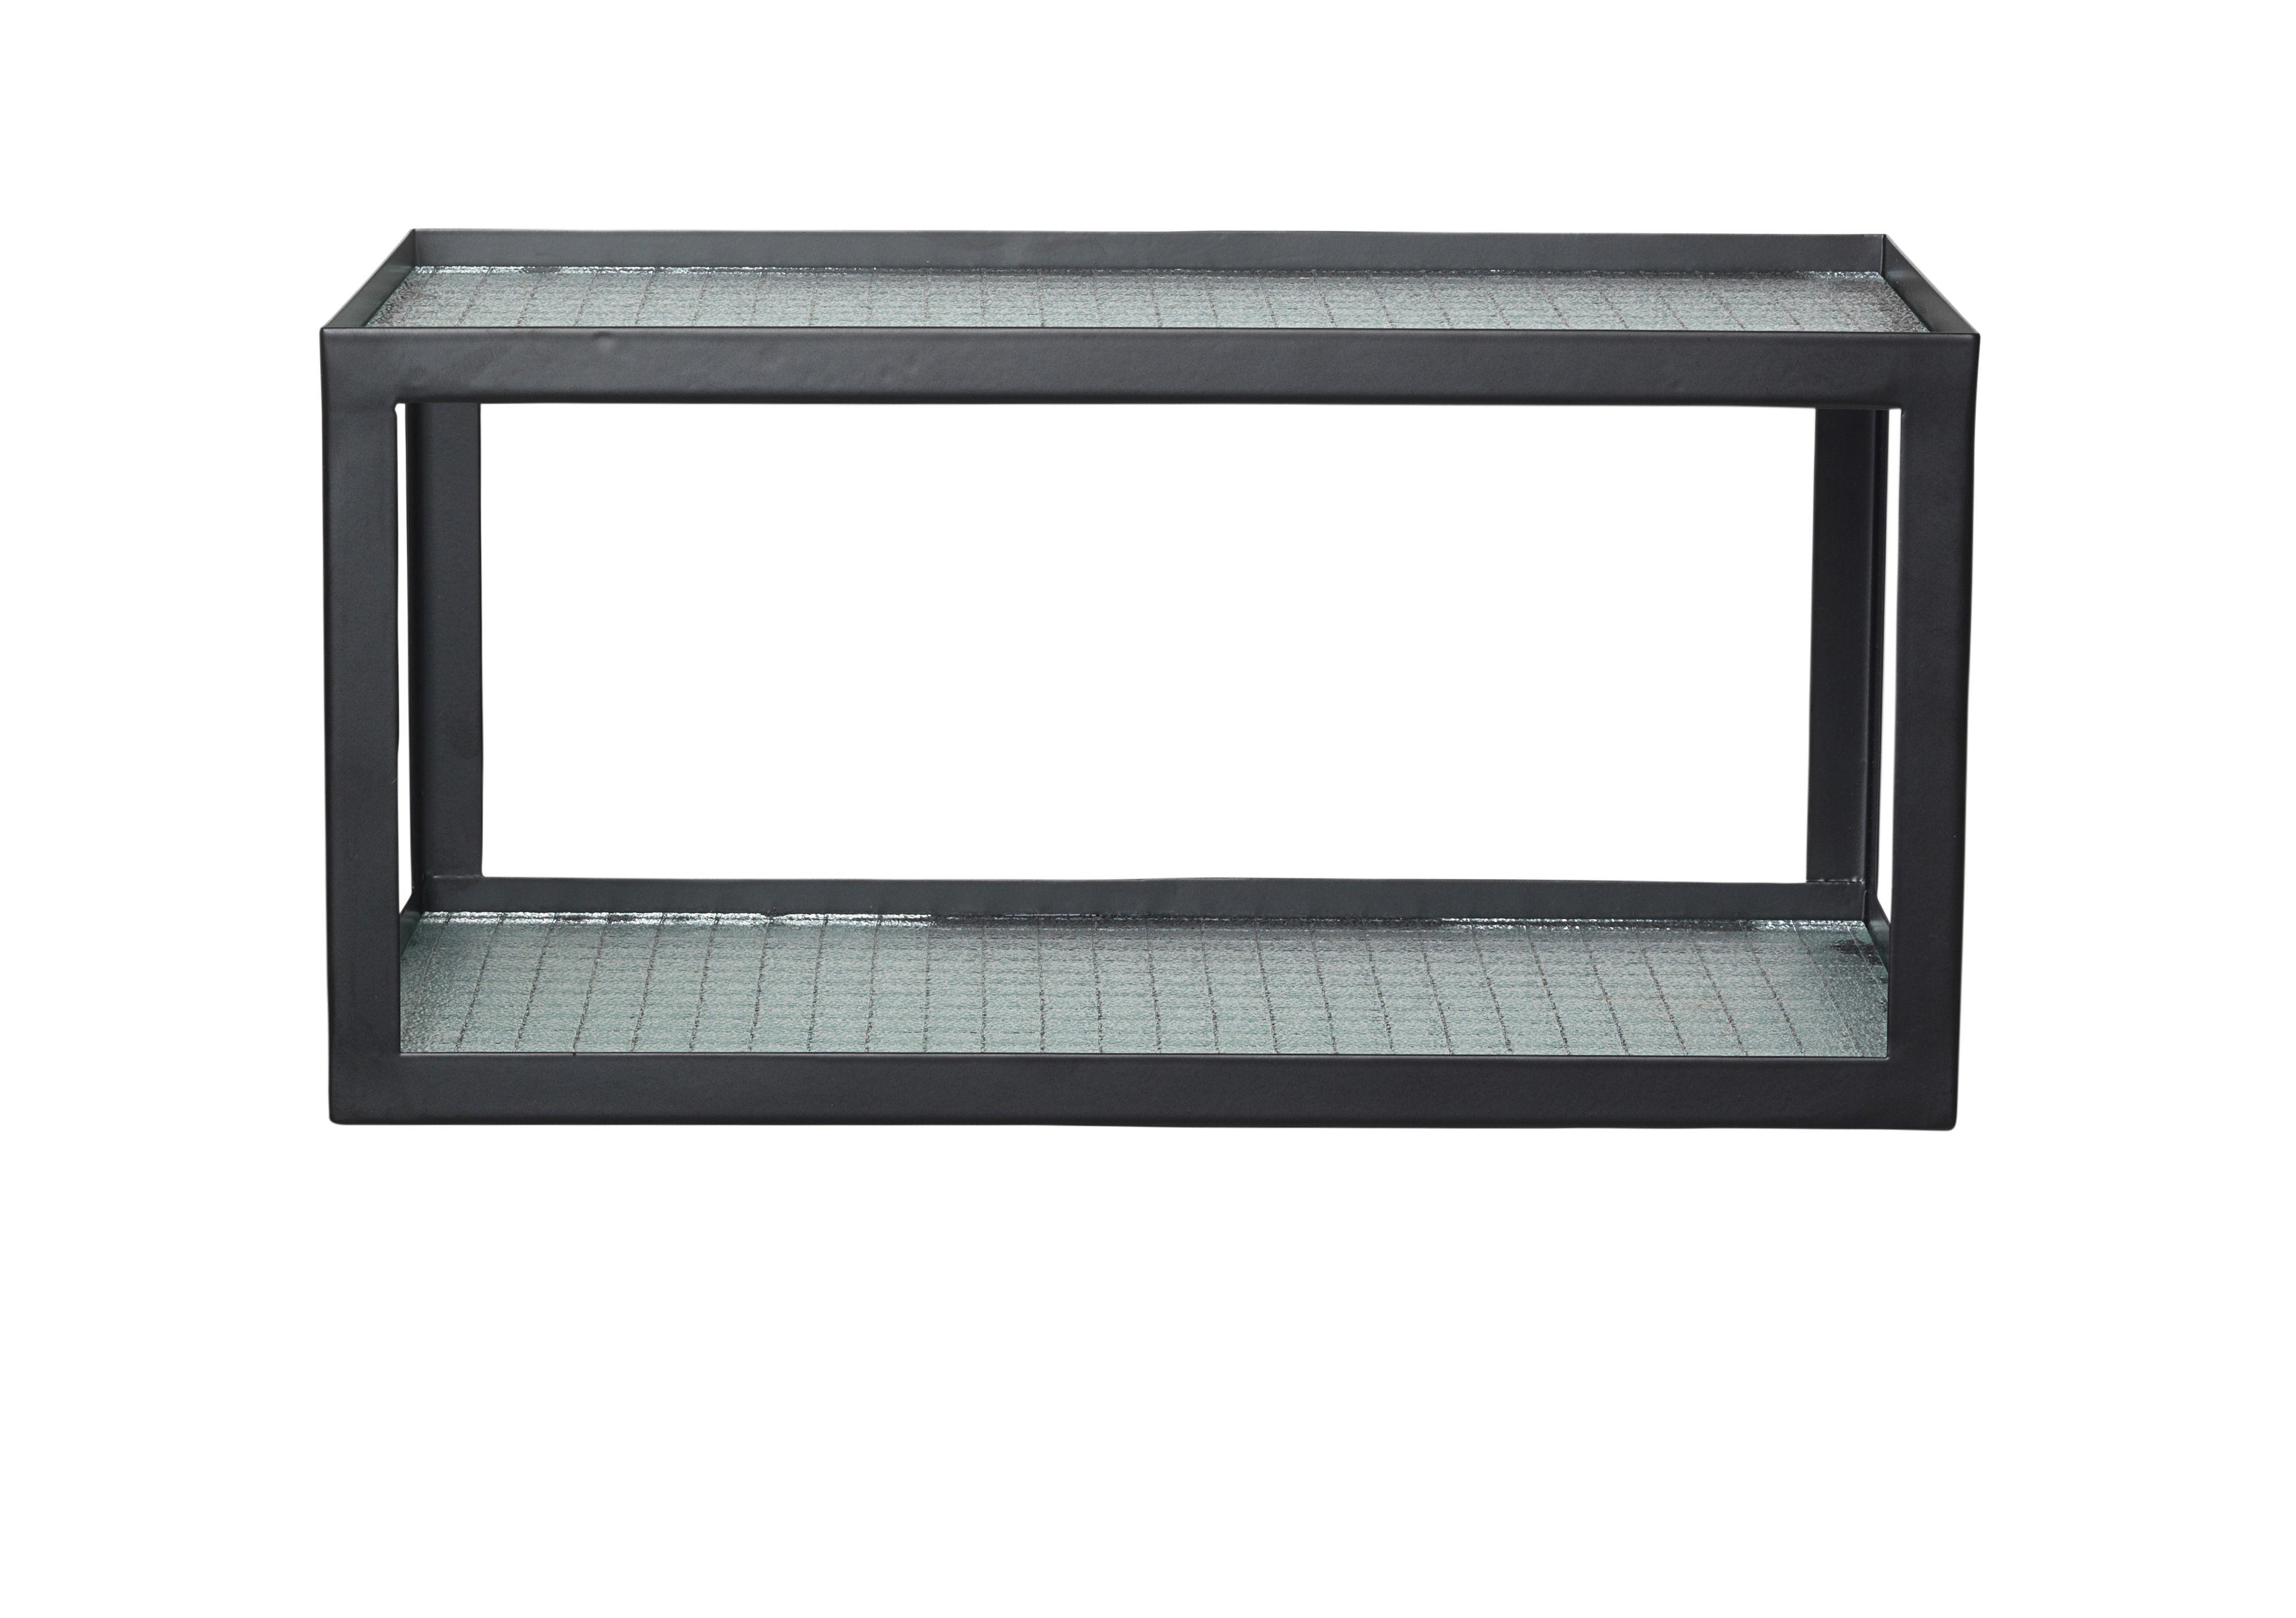 Mobilier - Etagères & bibliothèques - Etagère Haze / L 35 cm - Verre armé & métal - Ferm Living - Noir - Métal laqué, Verre armé